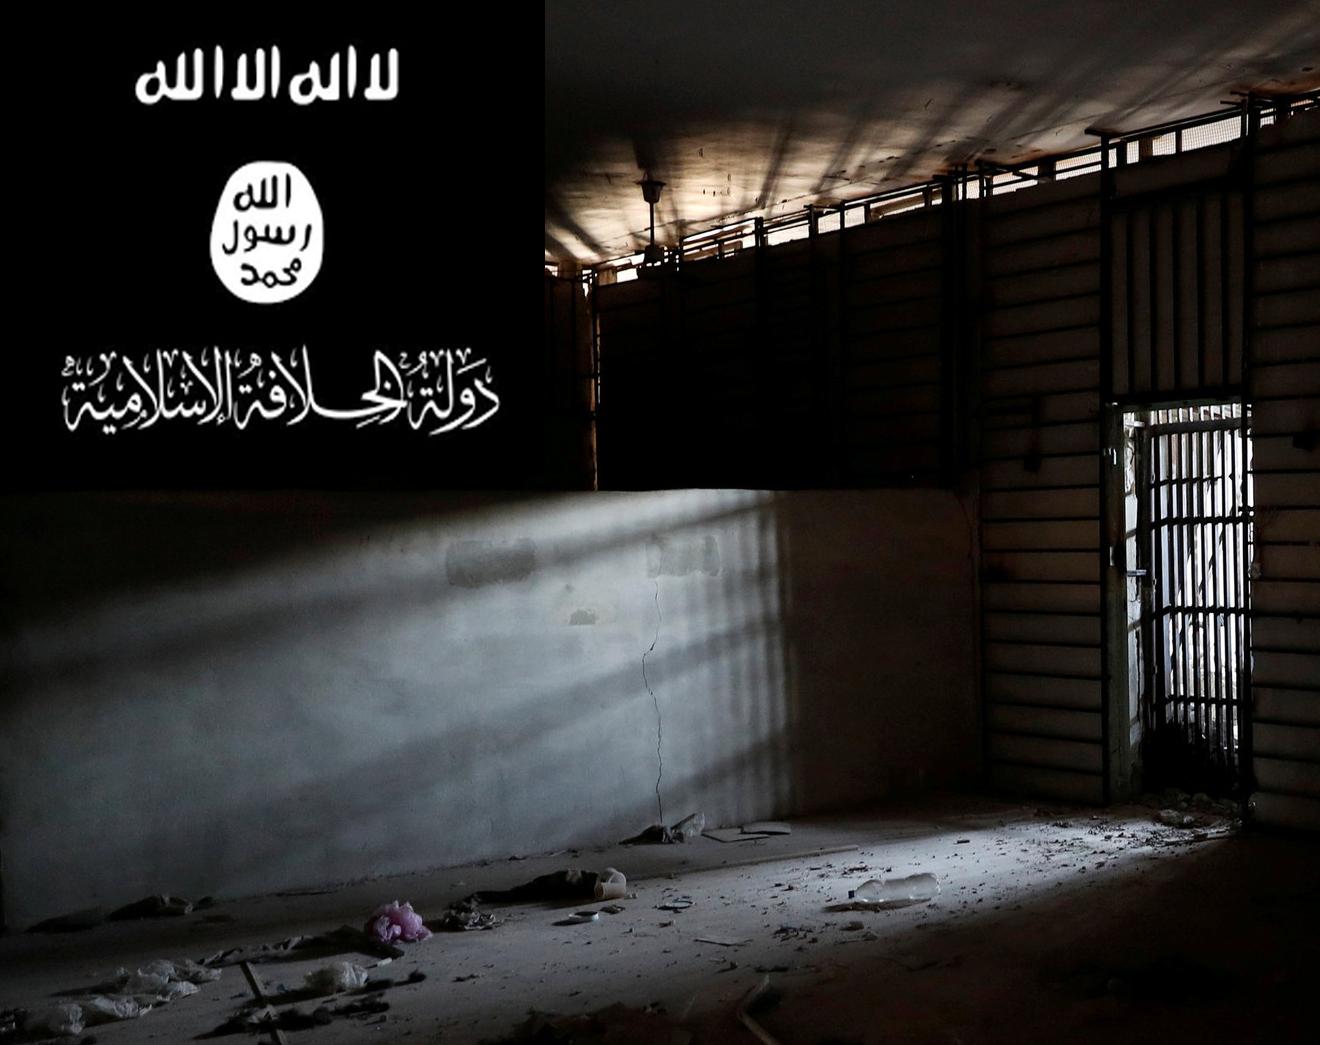 زندان مخفی داعش زیر استادیوم مشهور الرقه+فیلم